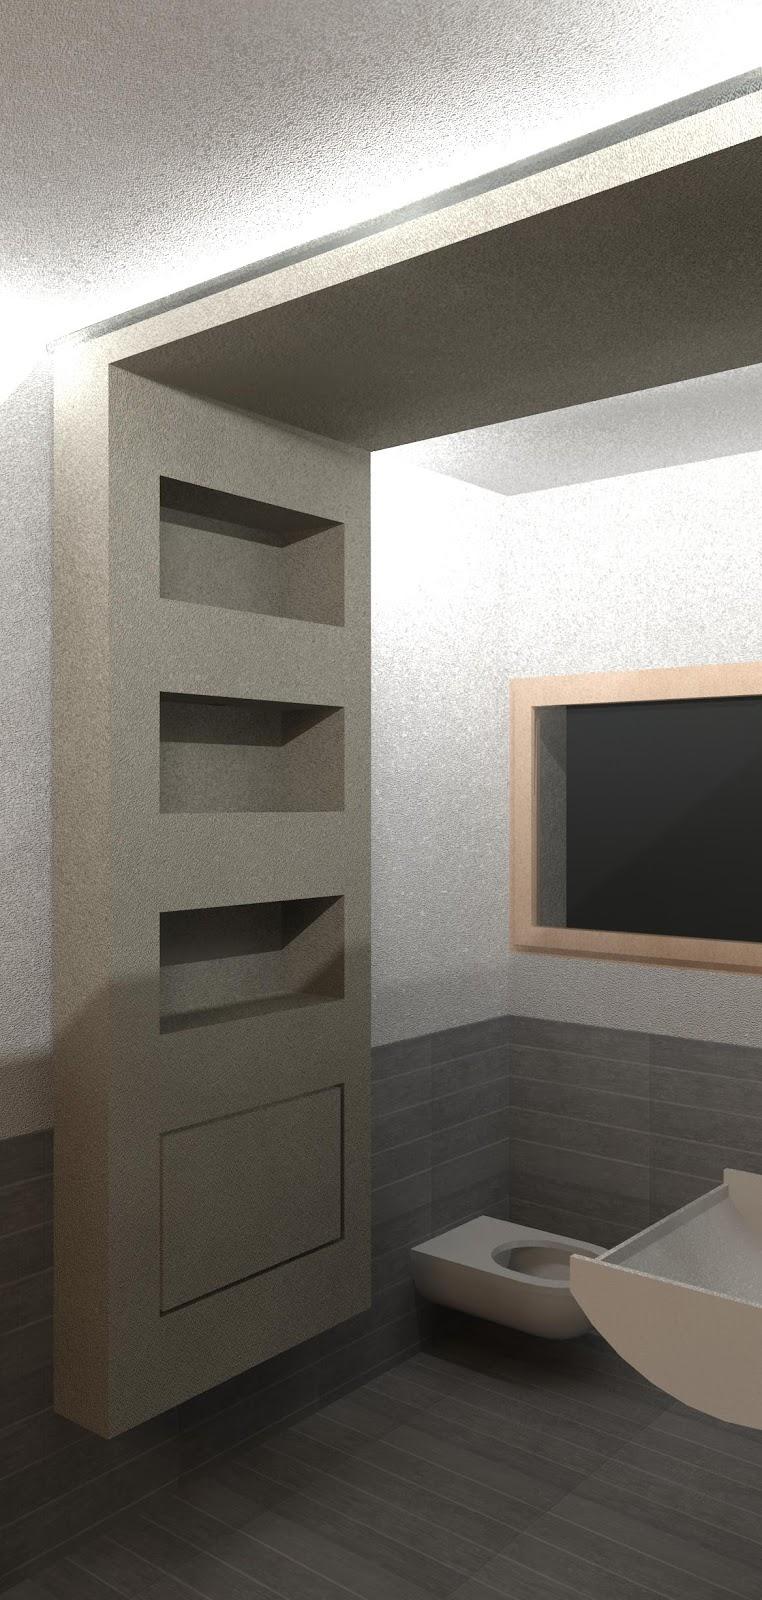 Geometra pprogetto di un bagno con stile moderno for Lavandino bagno moderno